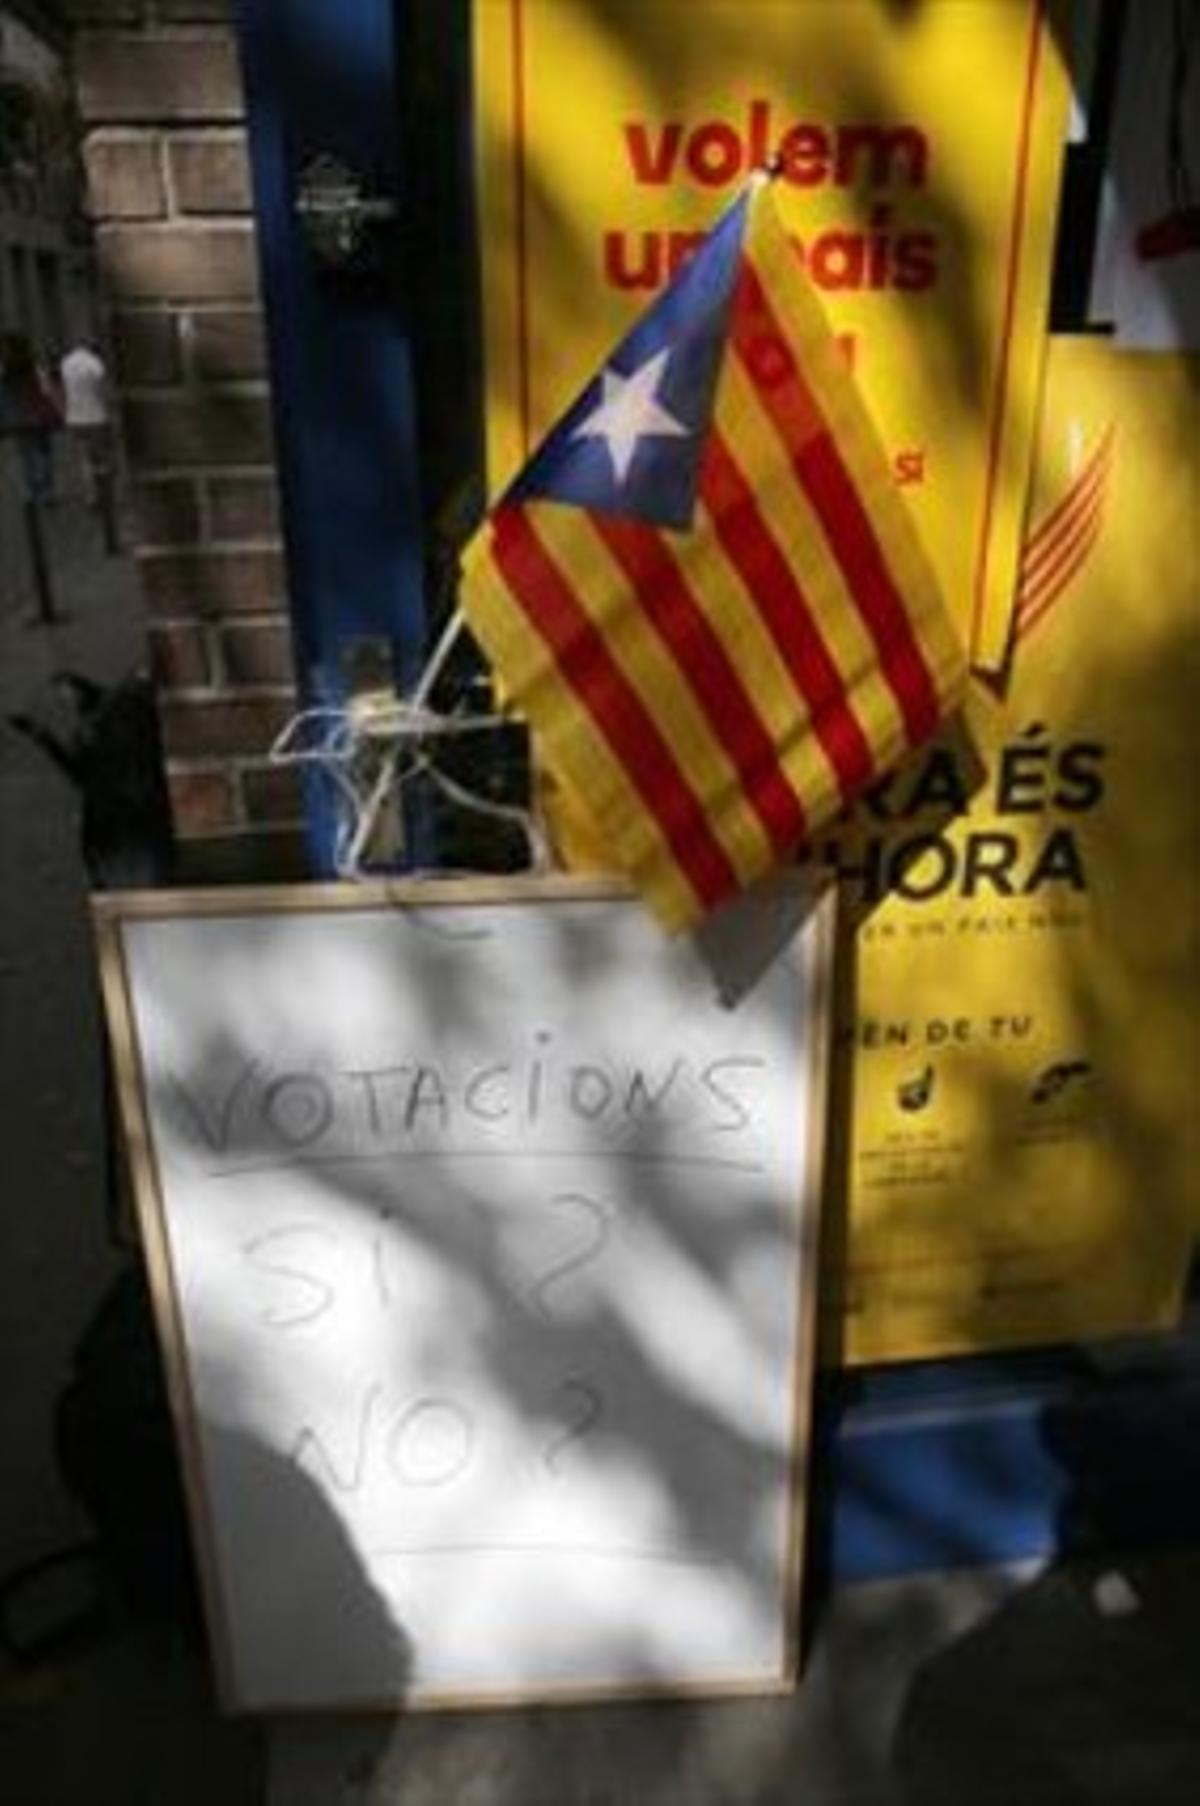 Entrada del puntode votación de la ANC en el barrio de Gràcia de Barcelona.